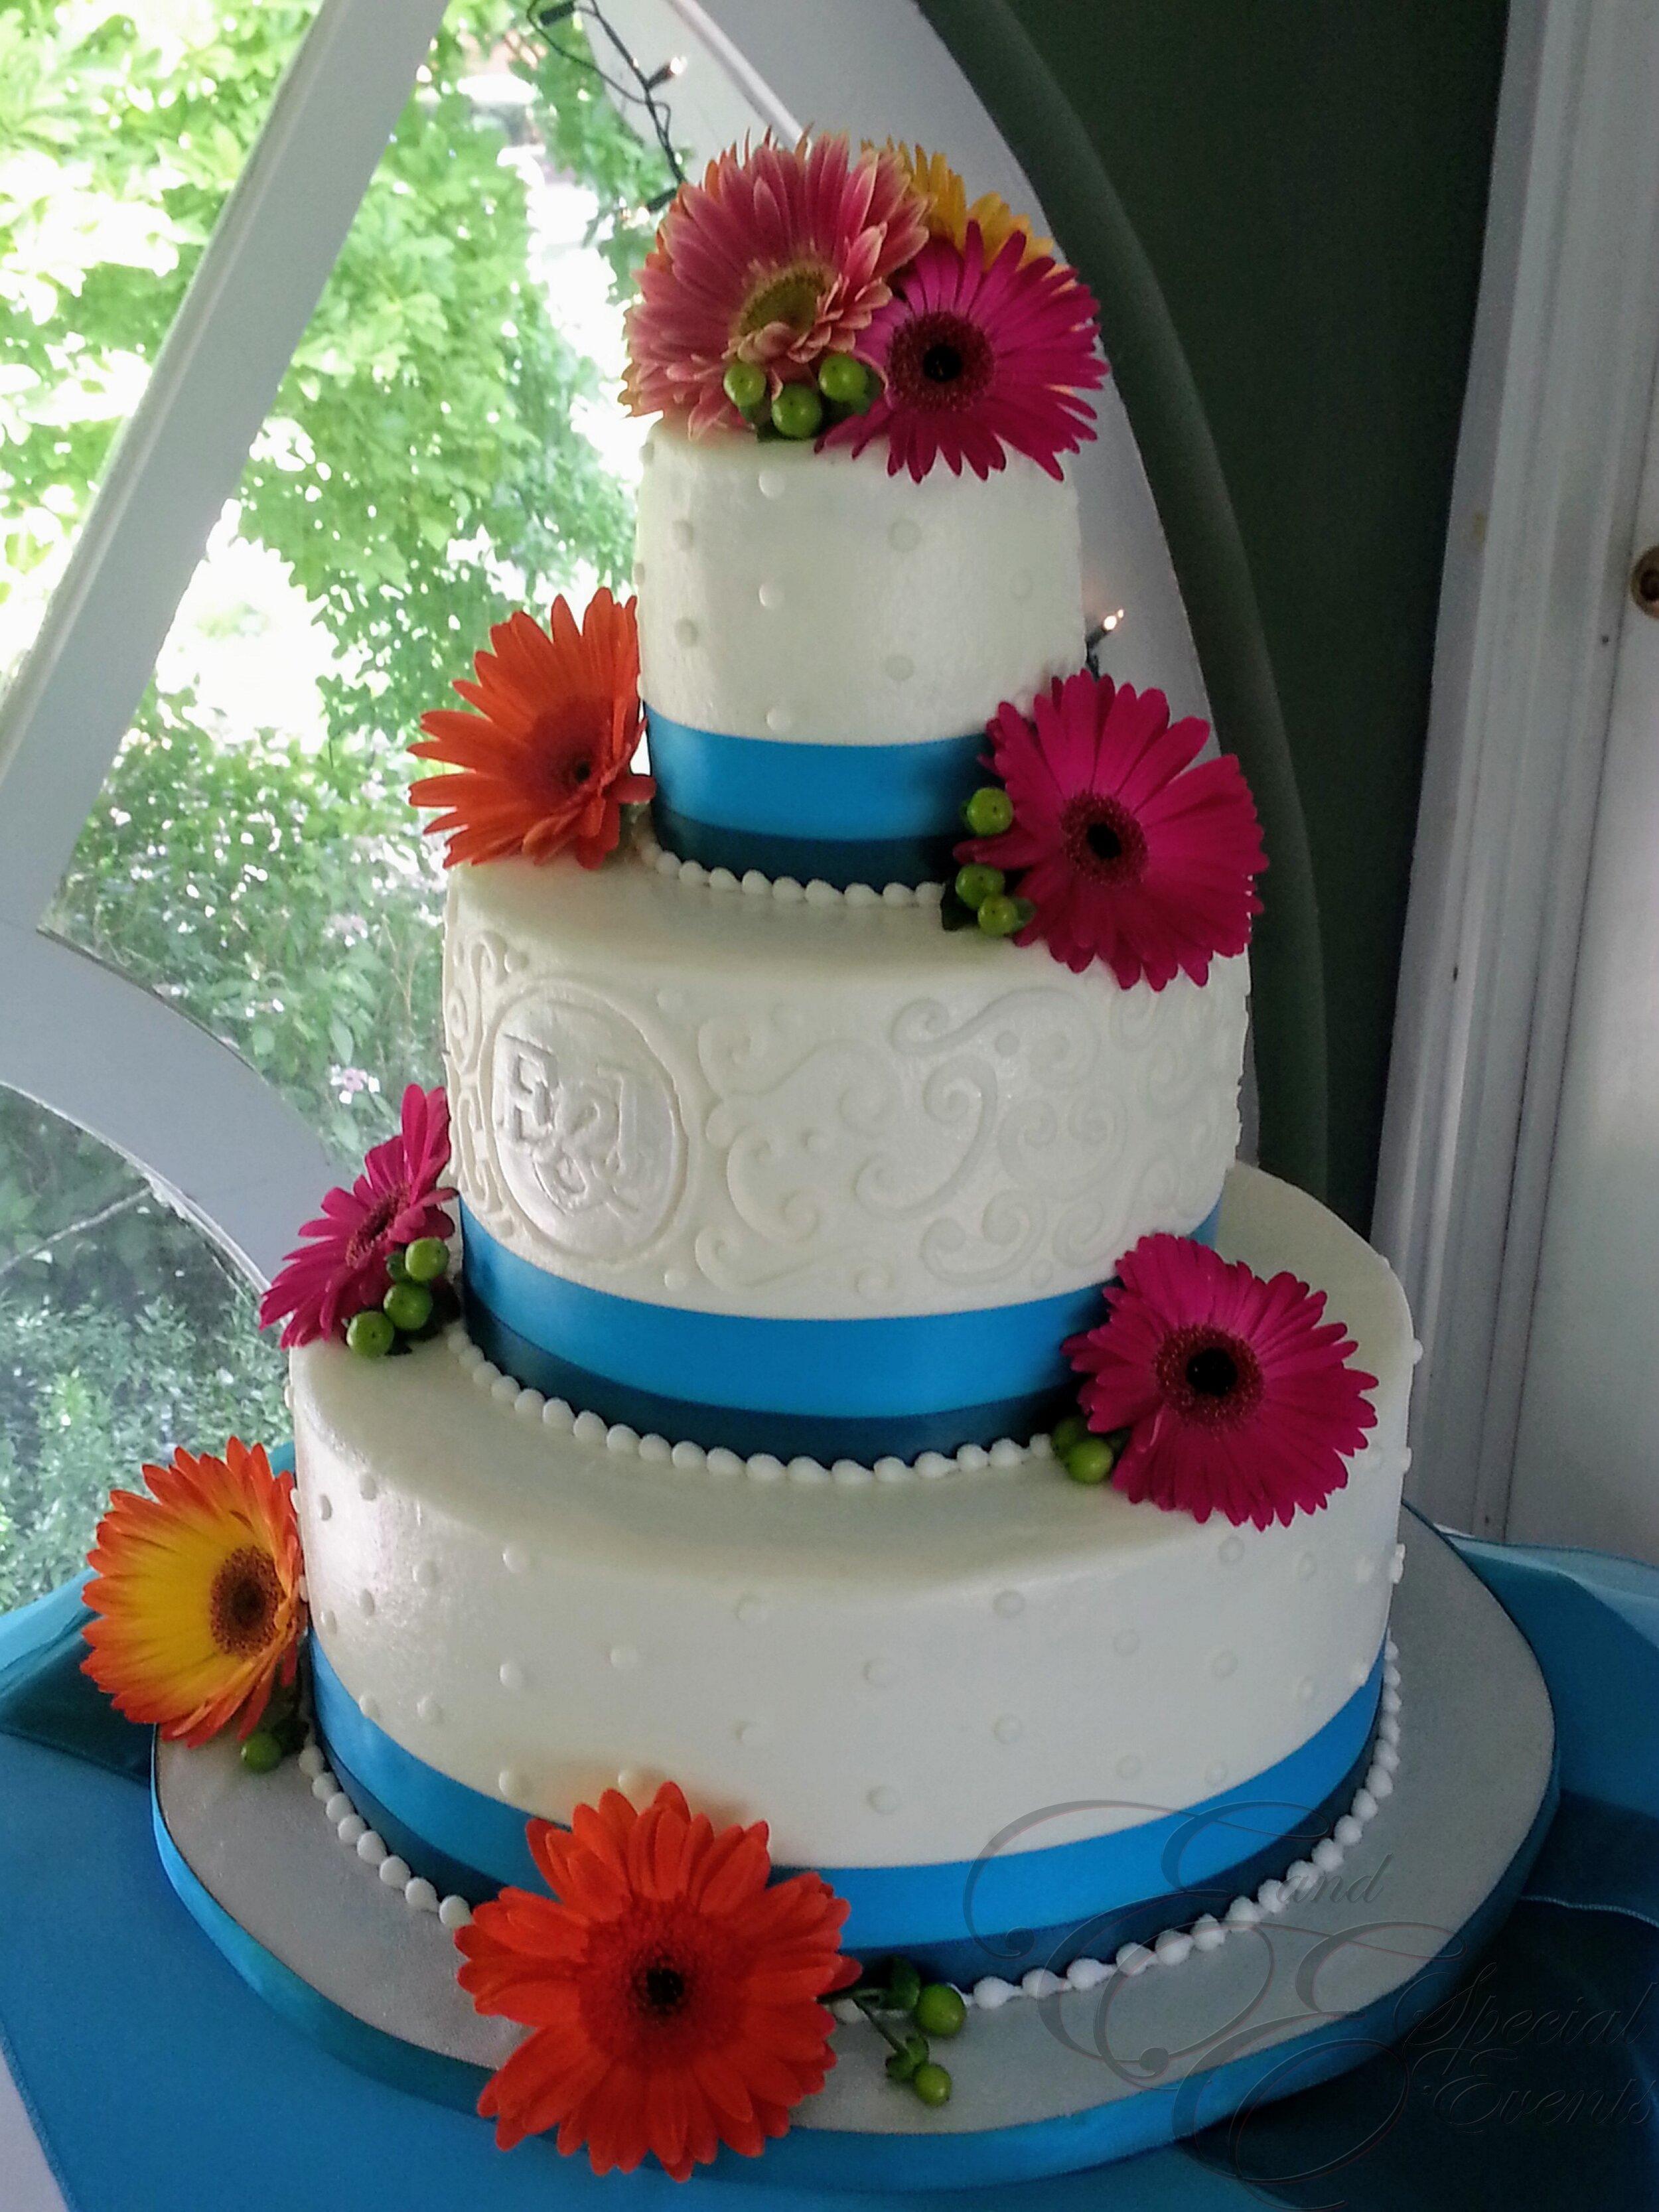 wedding_cakes_E_and_E_Special_Events_virginia_beach_13.jpg